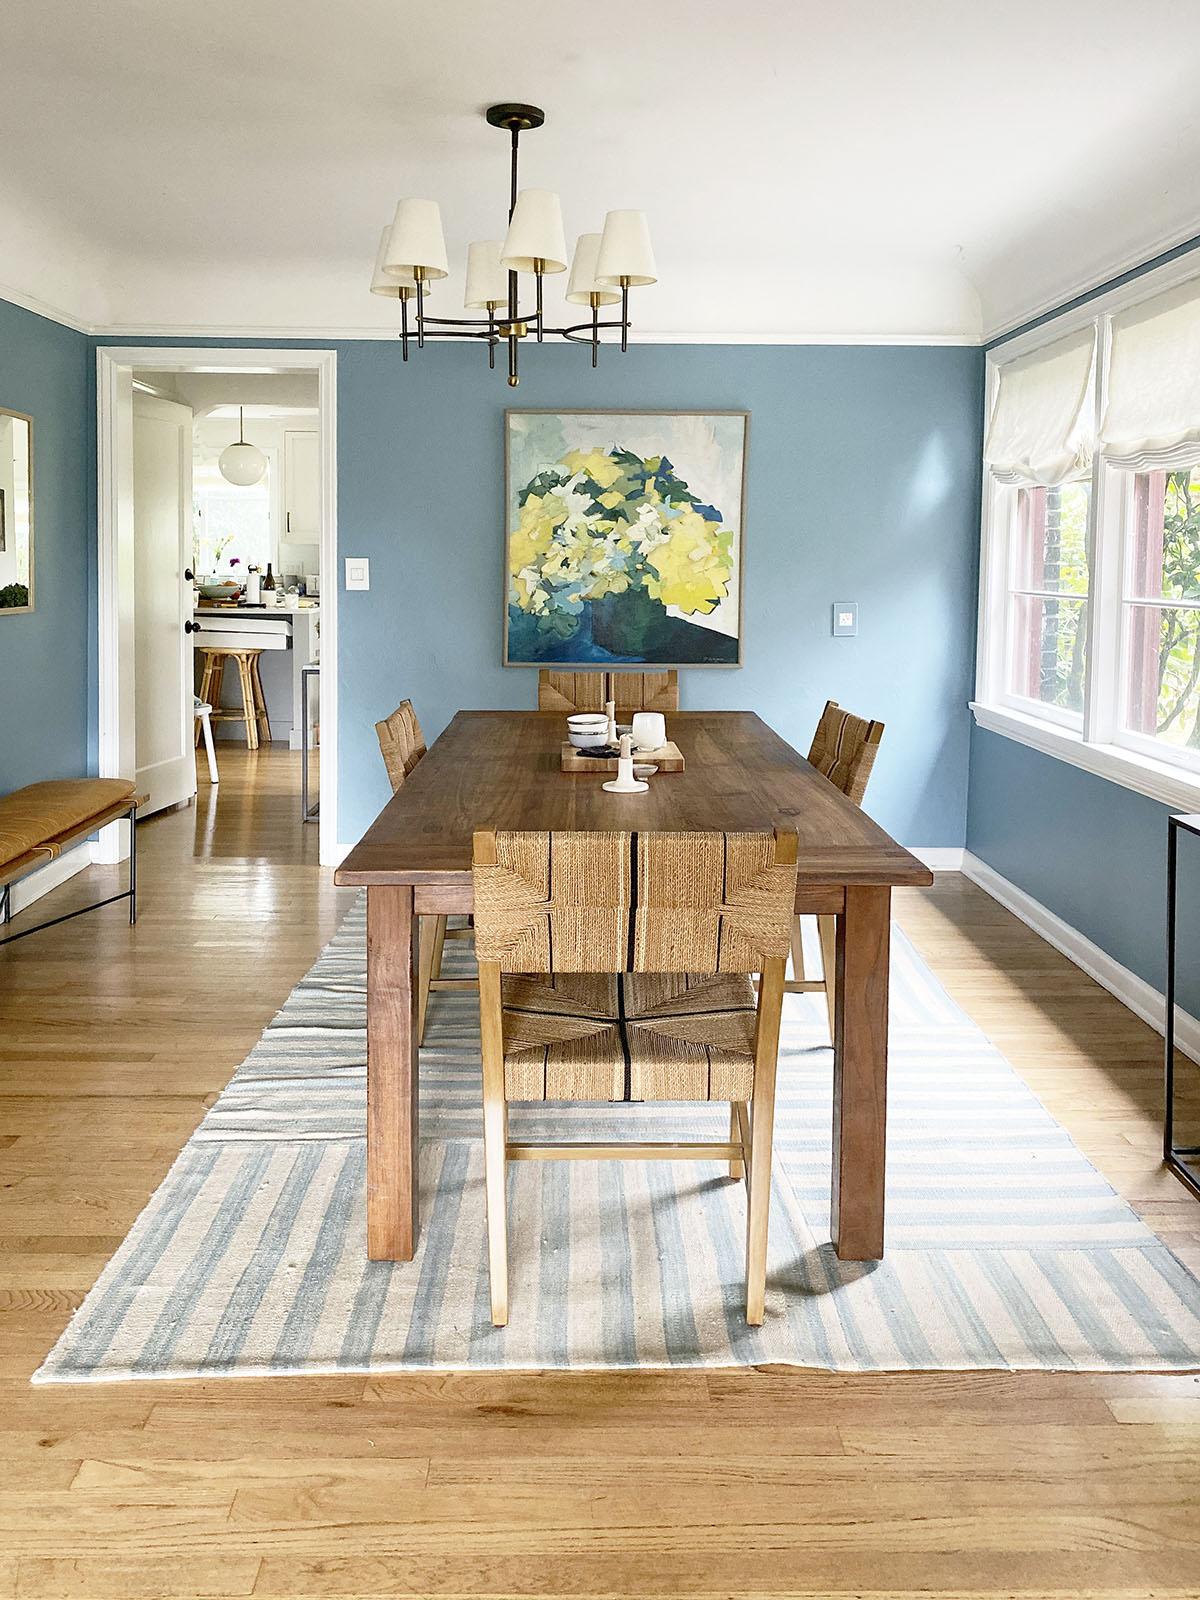 Coco Kelley décontracté bleu salle à manger avec des accents de bois chaud